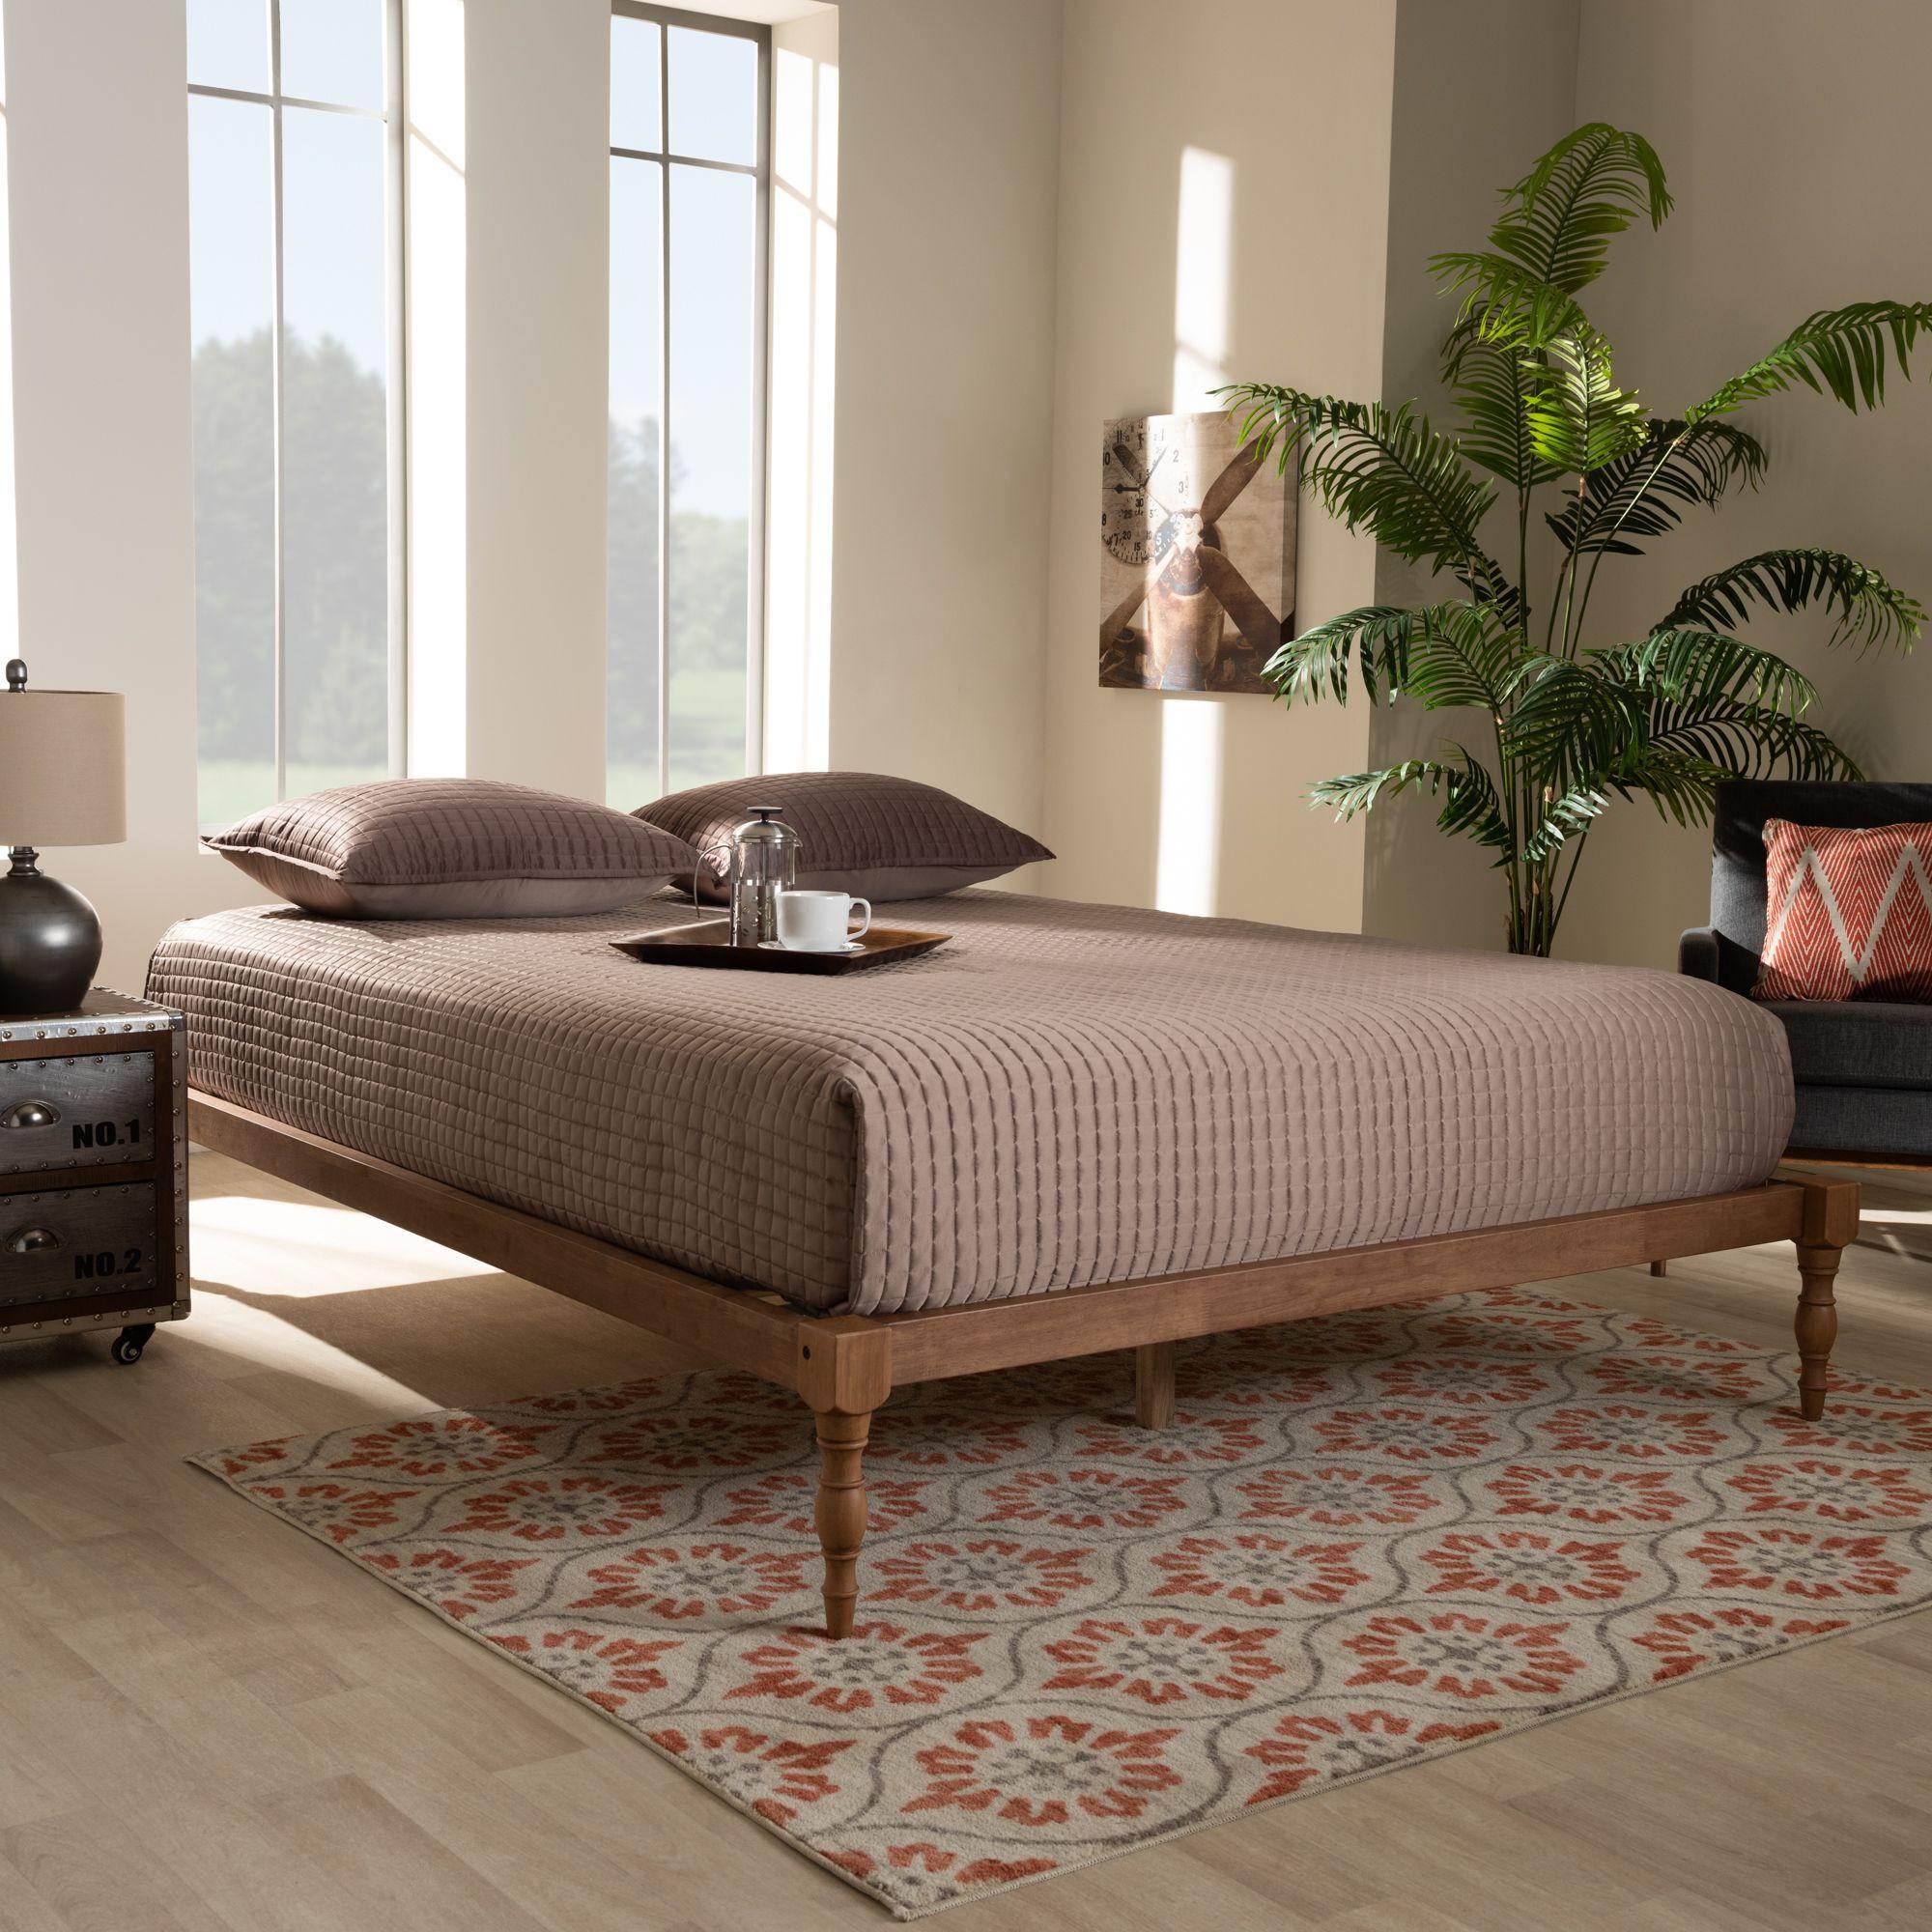 Home In 2020 With Images Queen Platform Bed Frame Platform